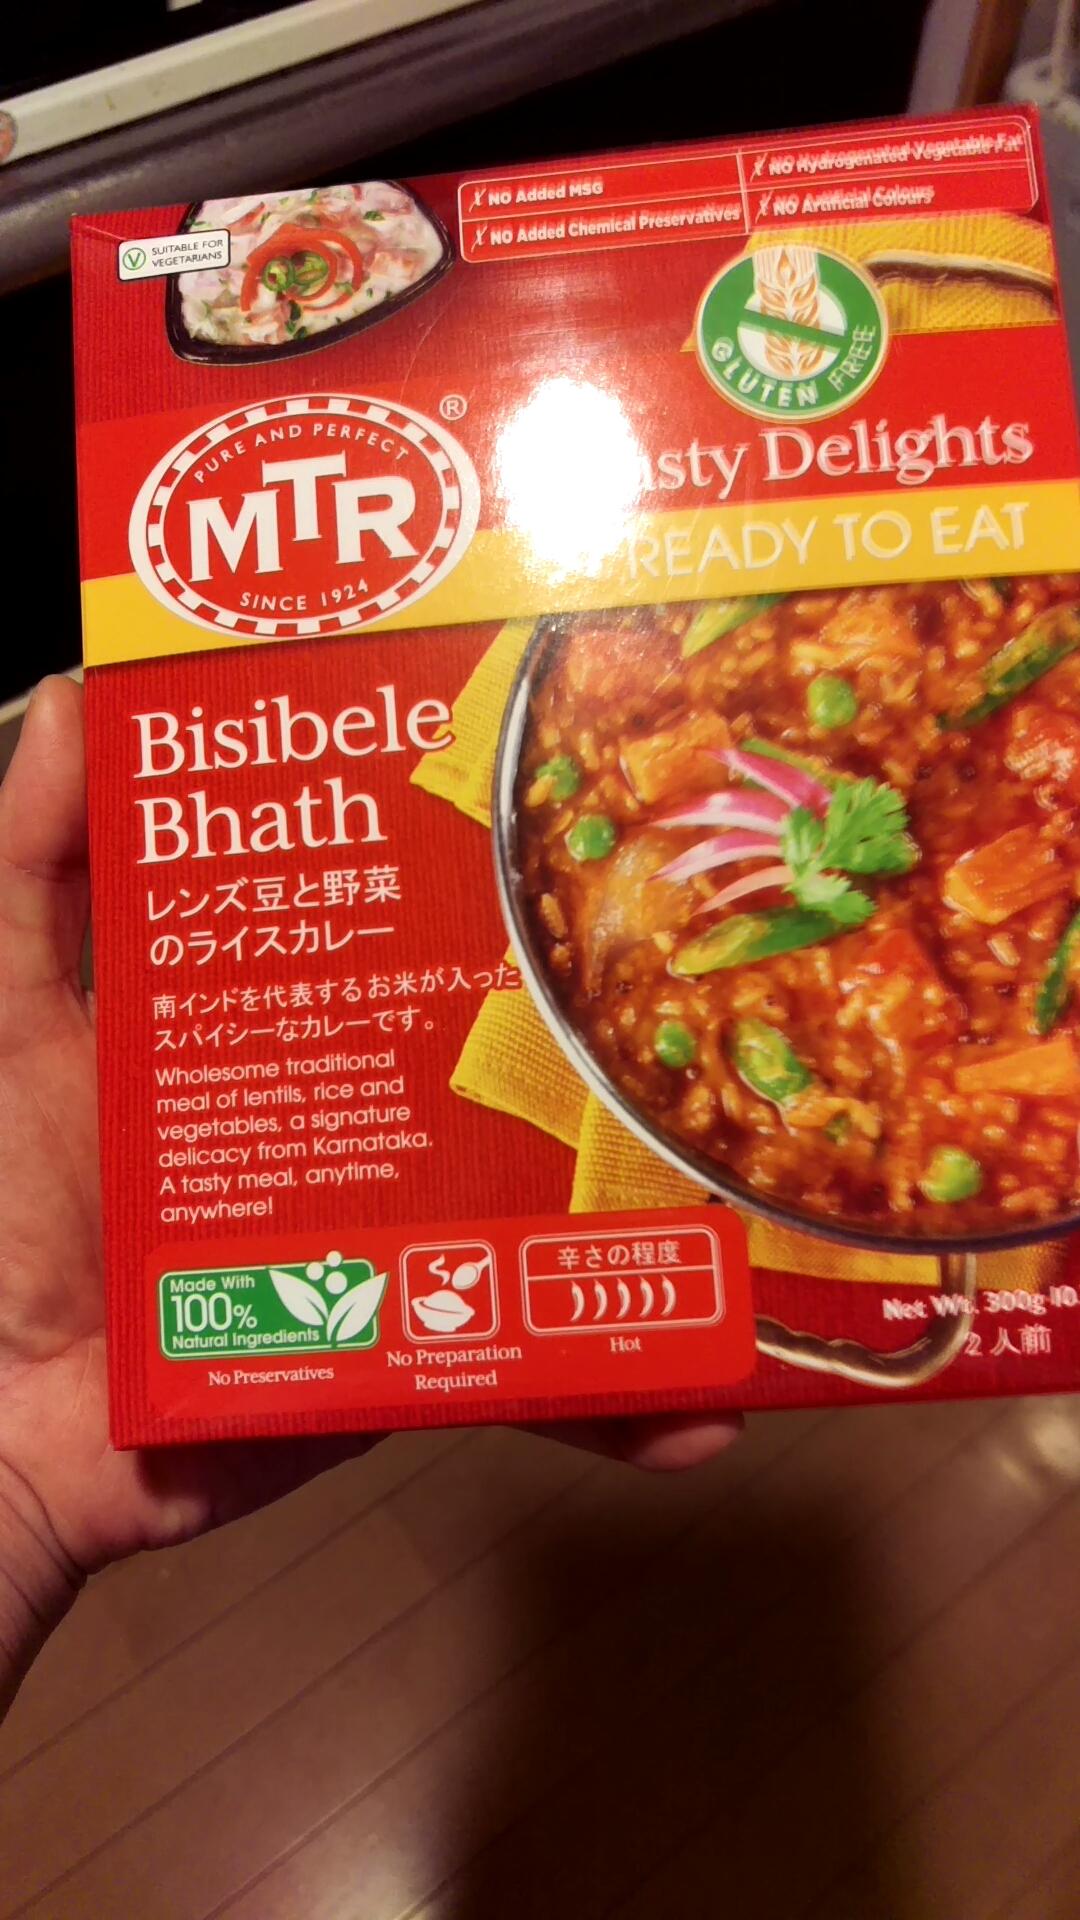 MTR社 Bisible Bhath レンズ豆と野菜のライスカレー ご飯が予め入っている